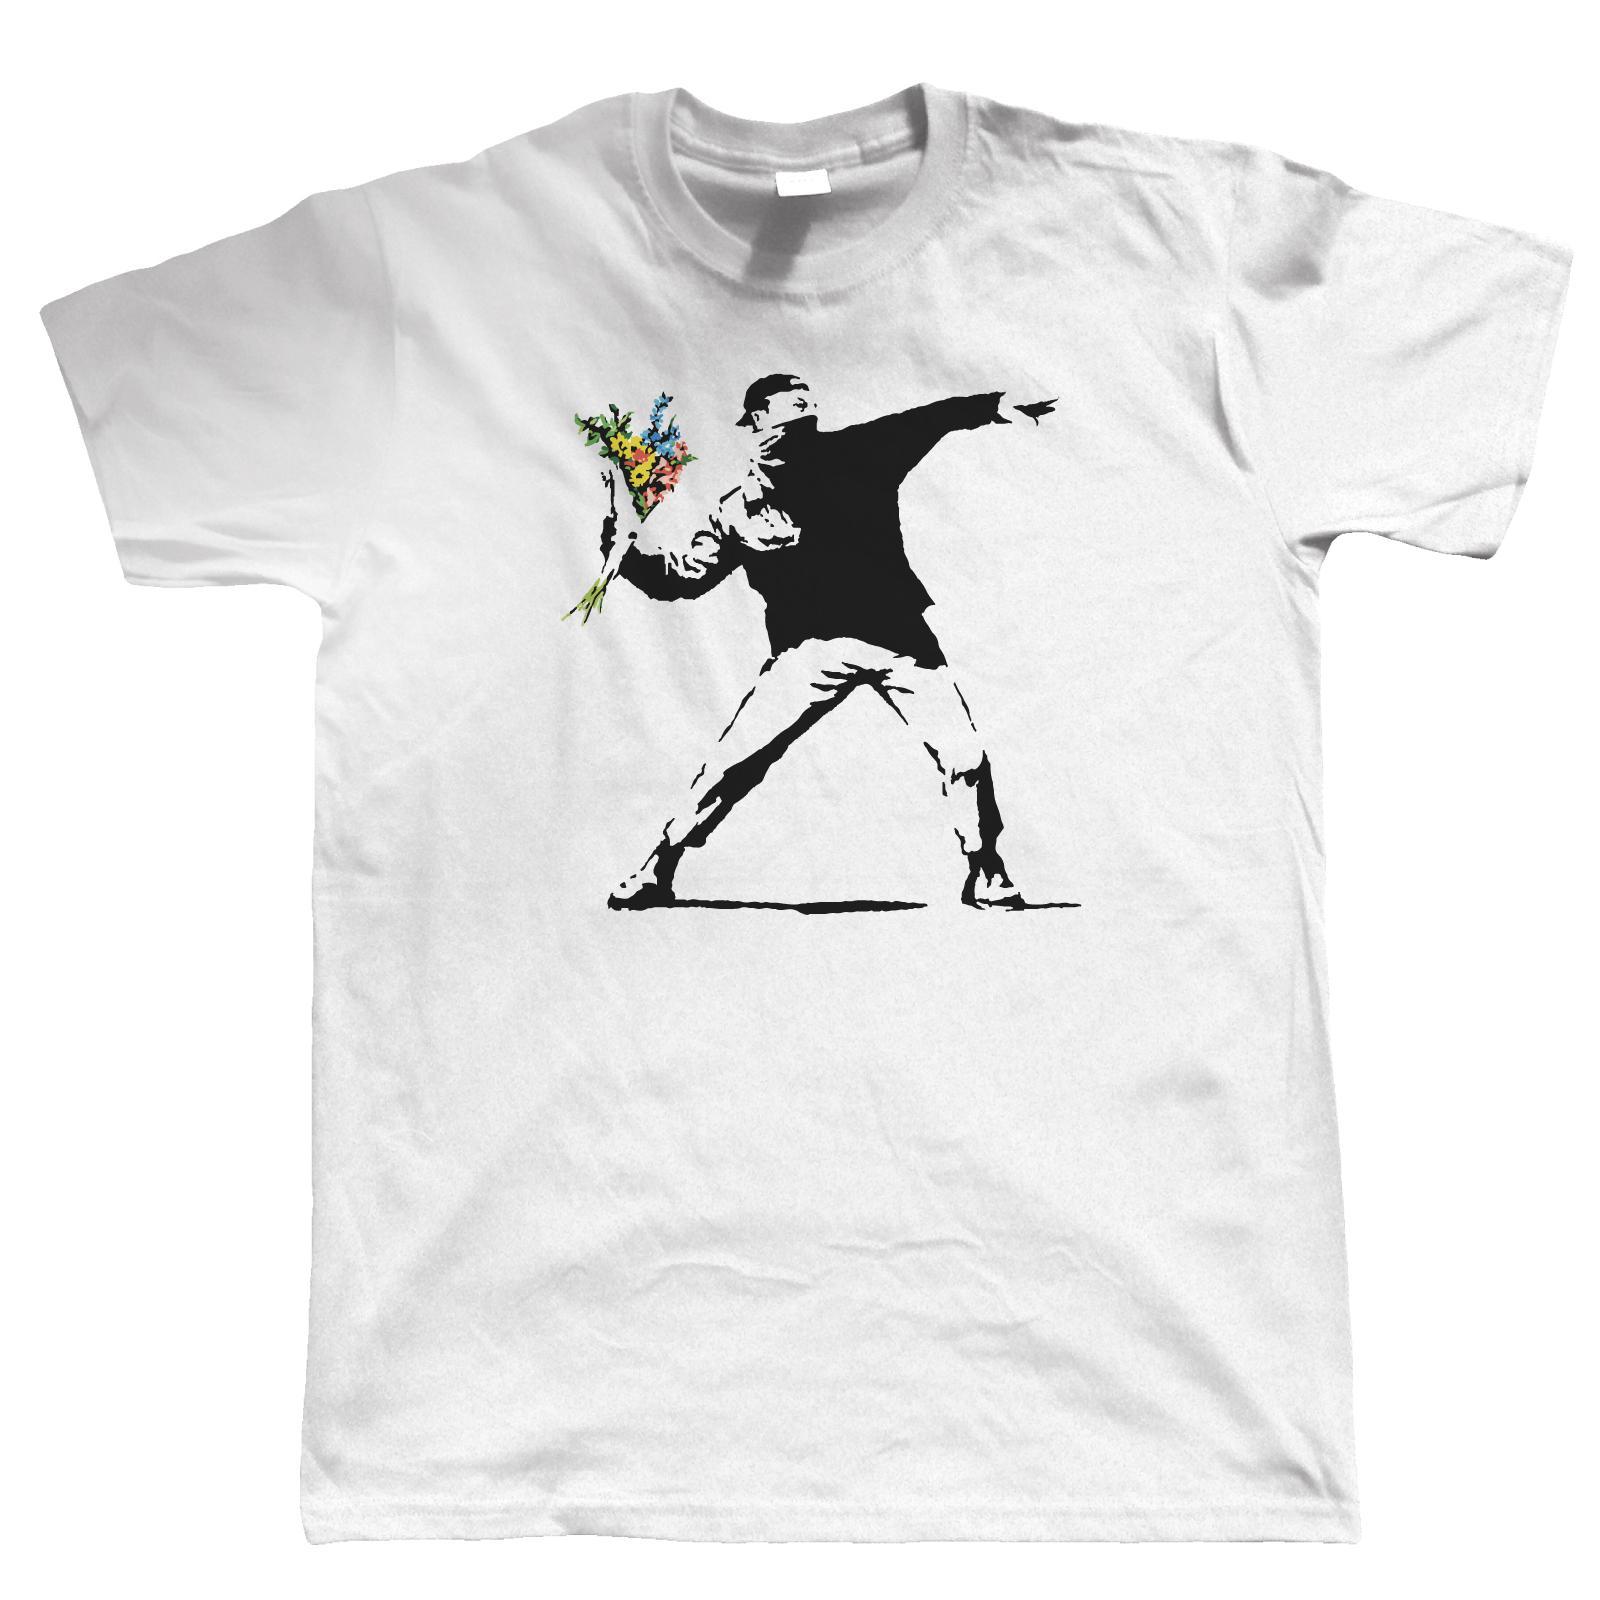 Banksy Çiçek Atıcı Erkek T Shirt-Graffiti Kentsel Sanat Tarzı Serin Rahat Gurur T Gömlek Erkekler Unisex Yeni Moda Tshirt Tops